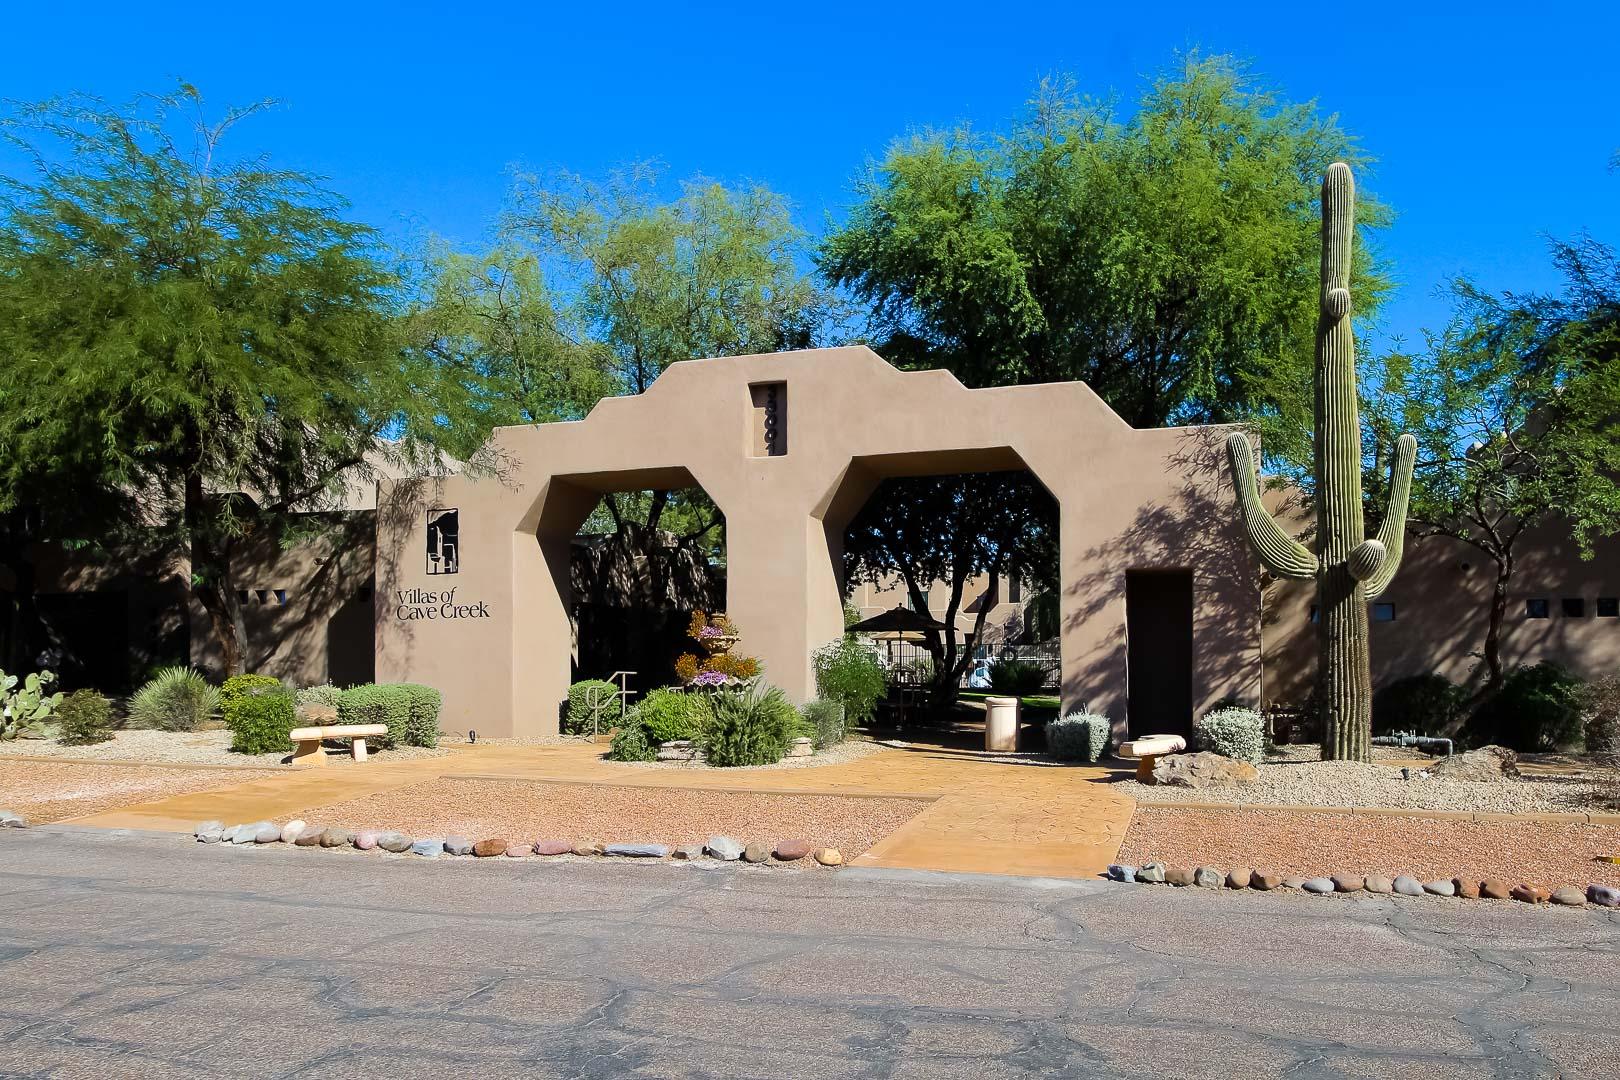 Villas of Cave Creek Entrance